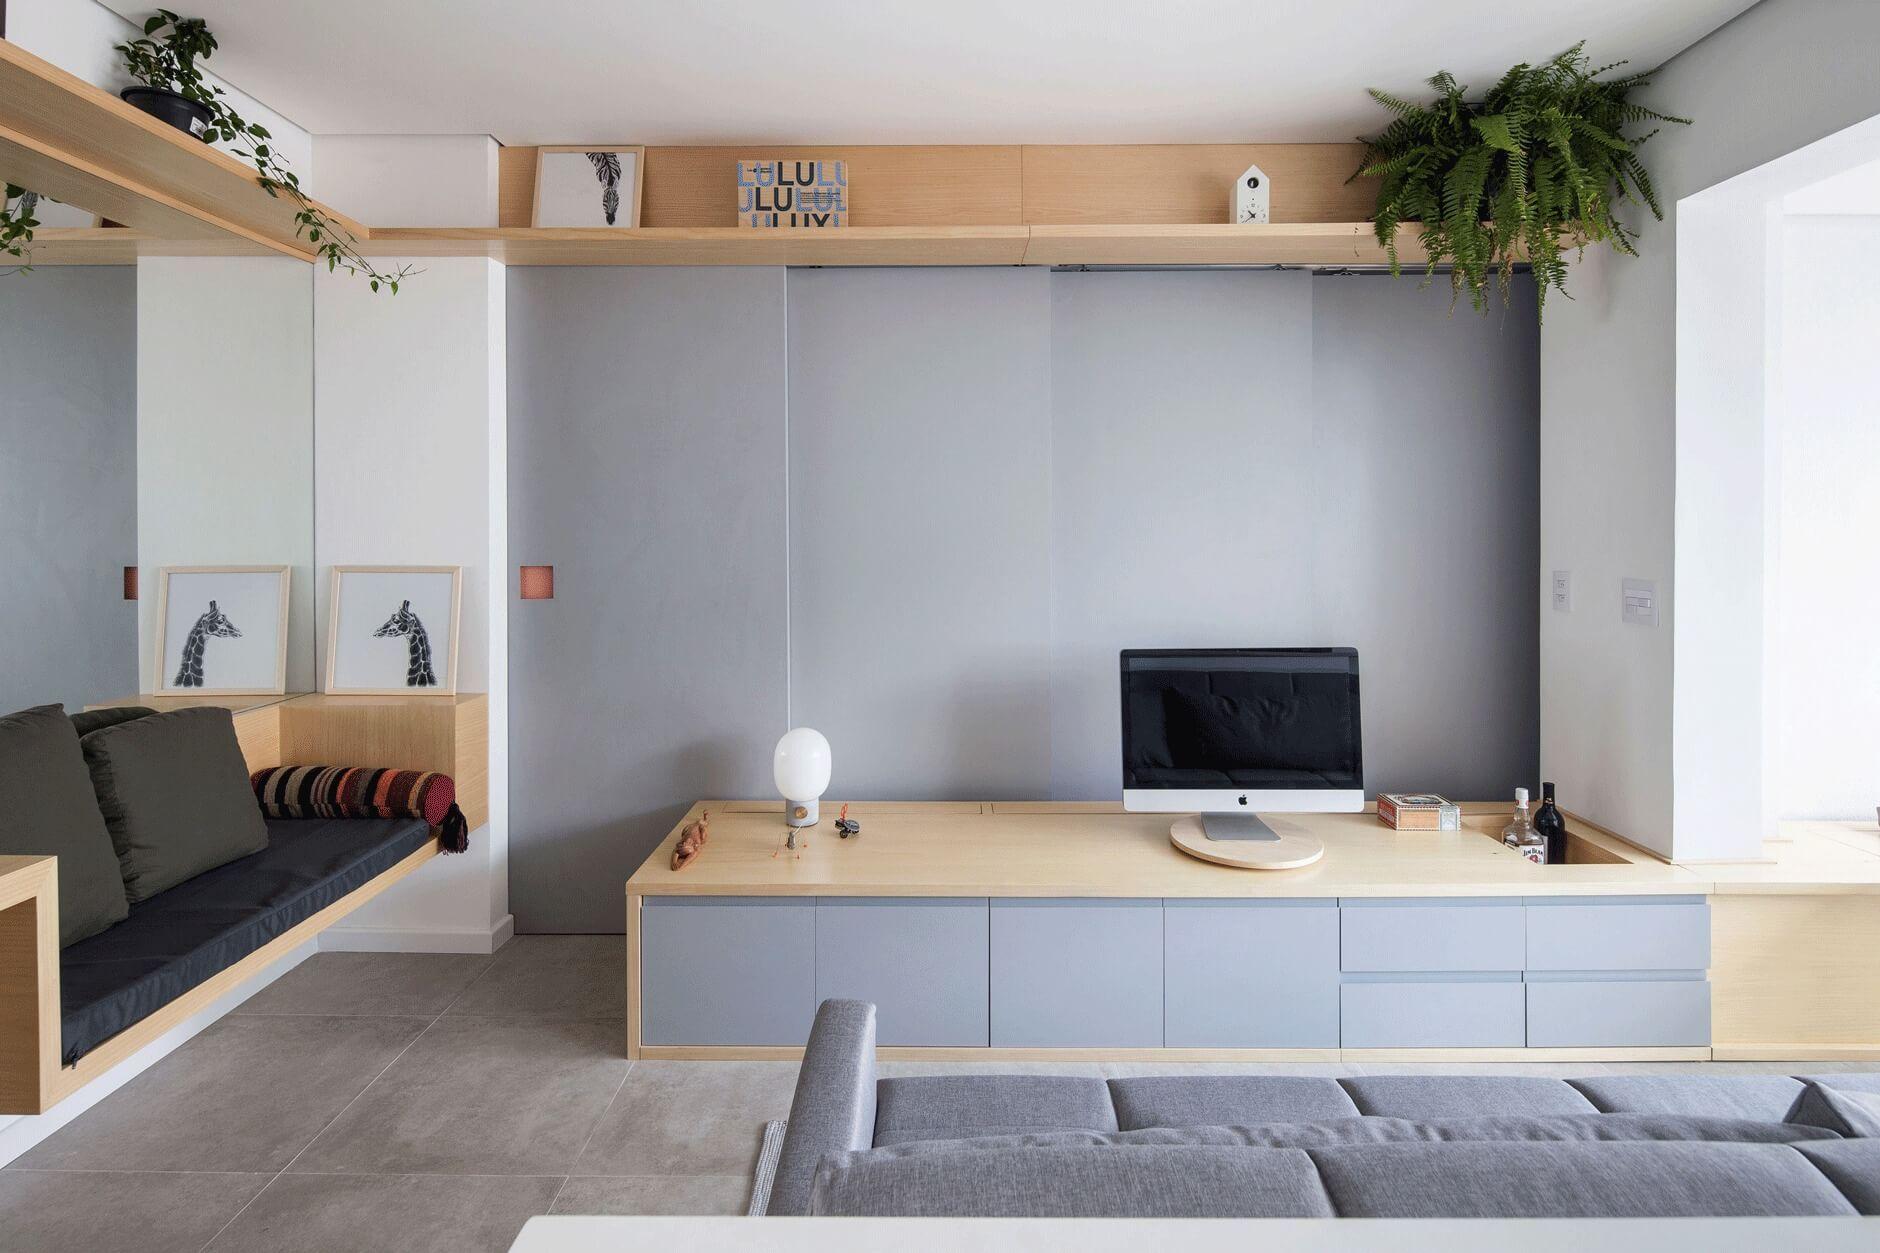 Estudio Bra Creates A Bright And Airy Apartment In Sao Paulo